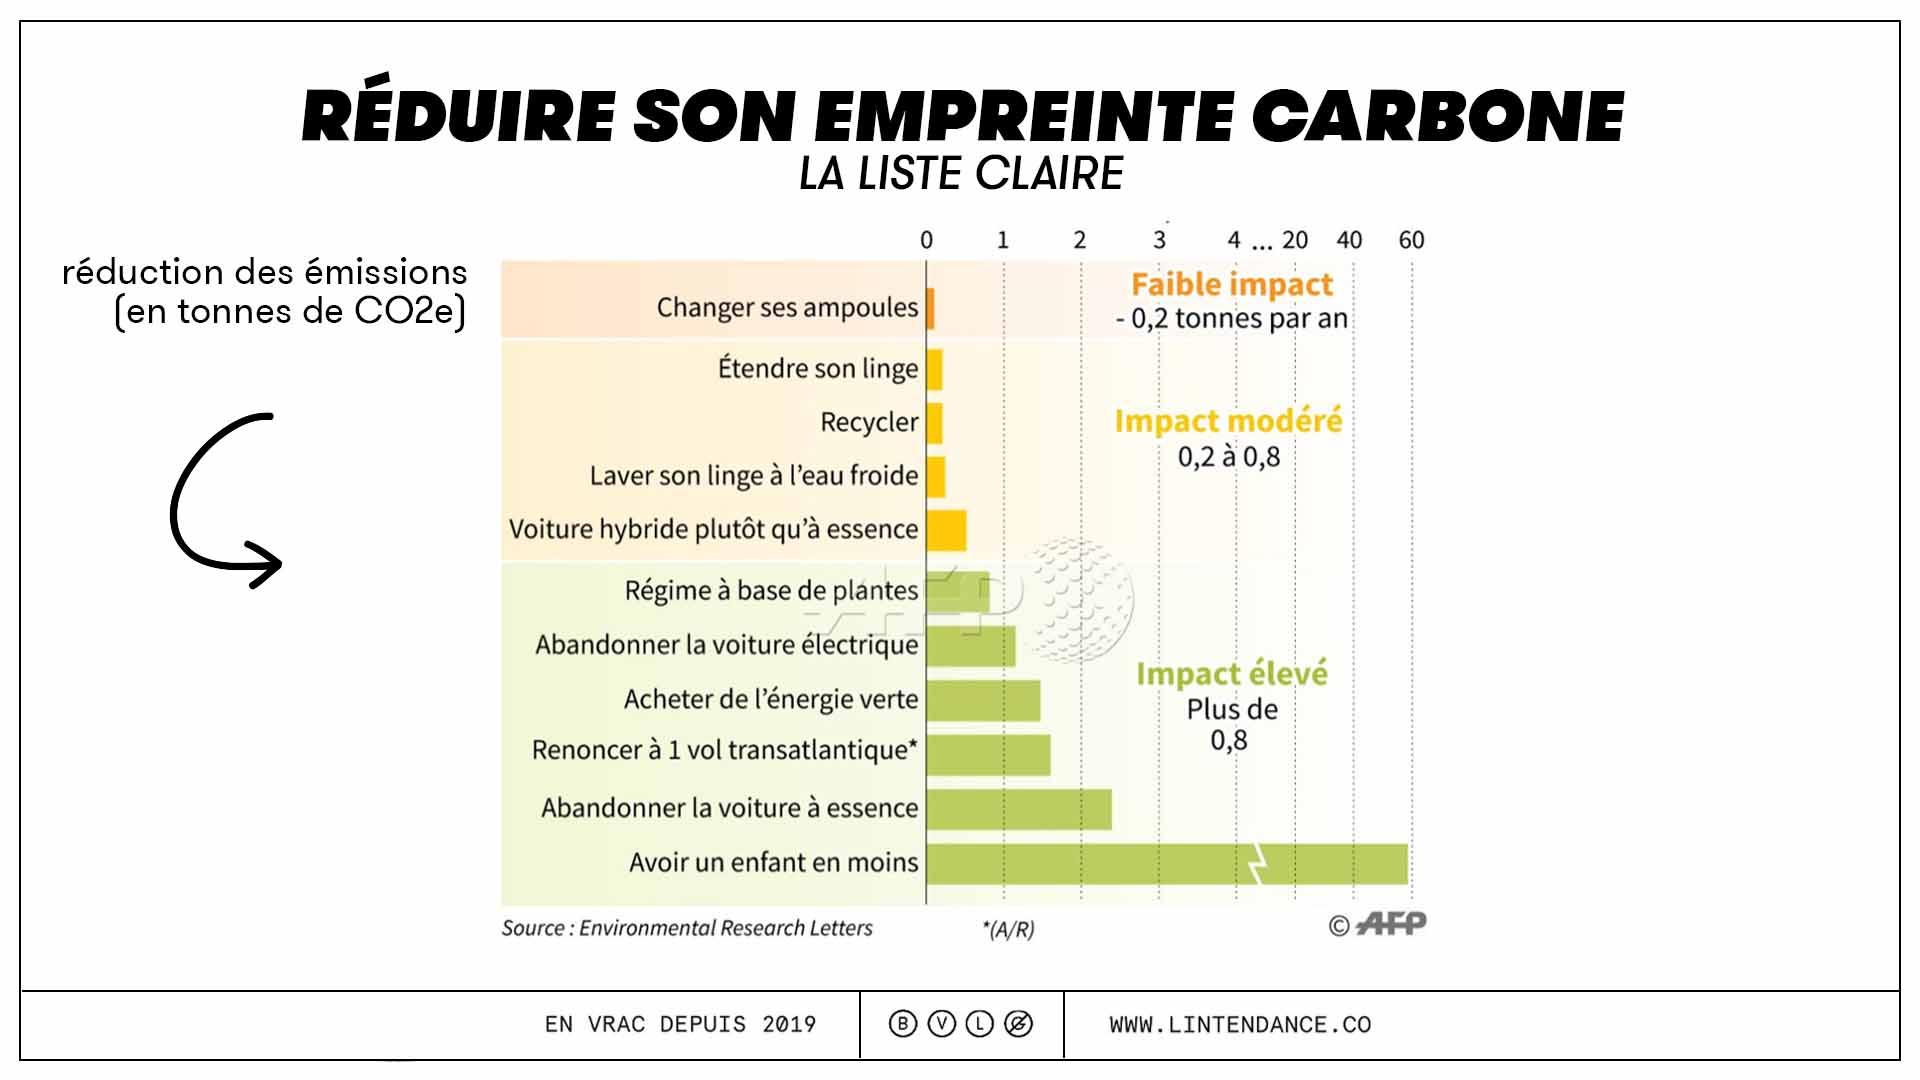 Empreinte carbone émissions tonnes CO2